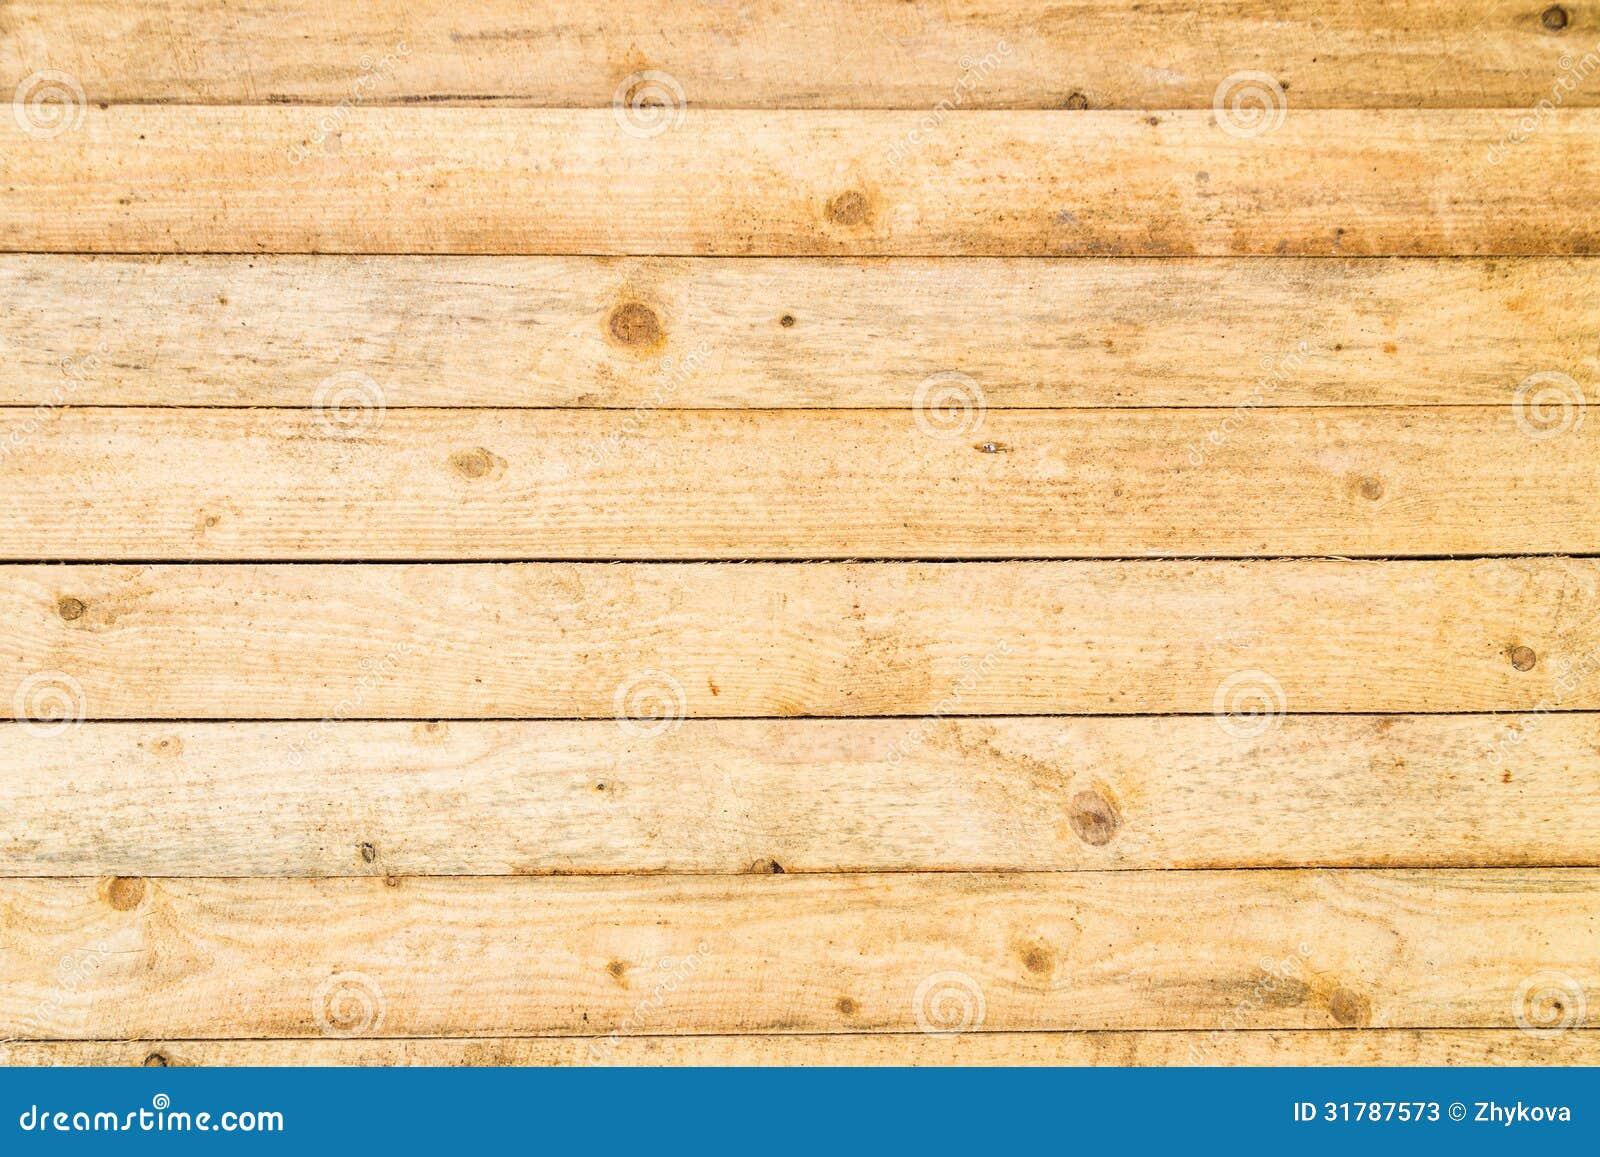 Tablero de madera fotos de archivo imagen 31787573 - Tablero madera ...